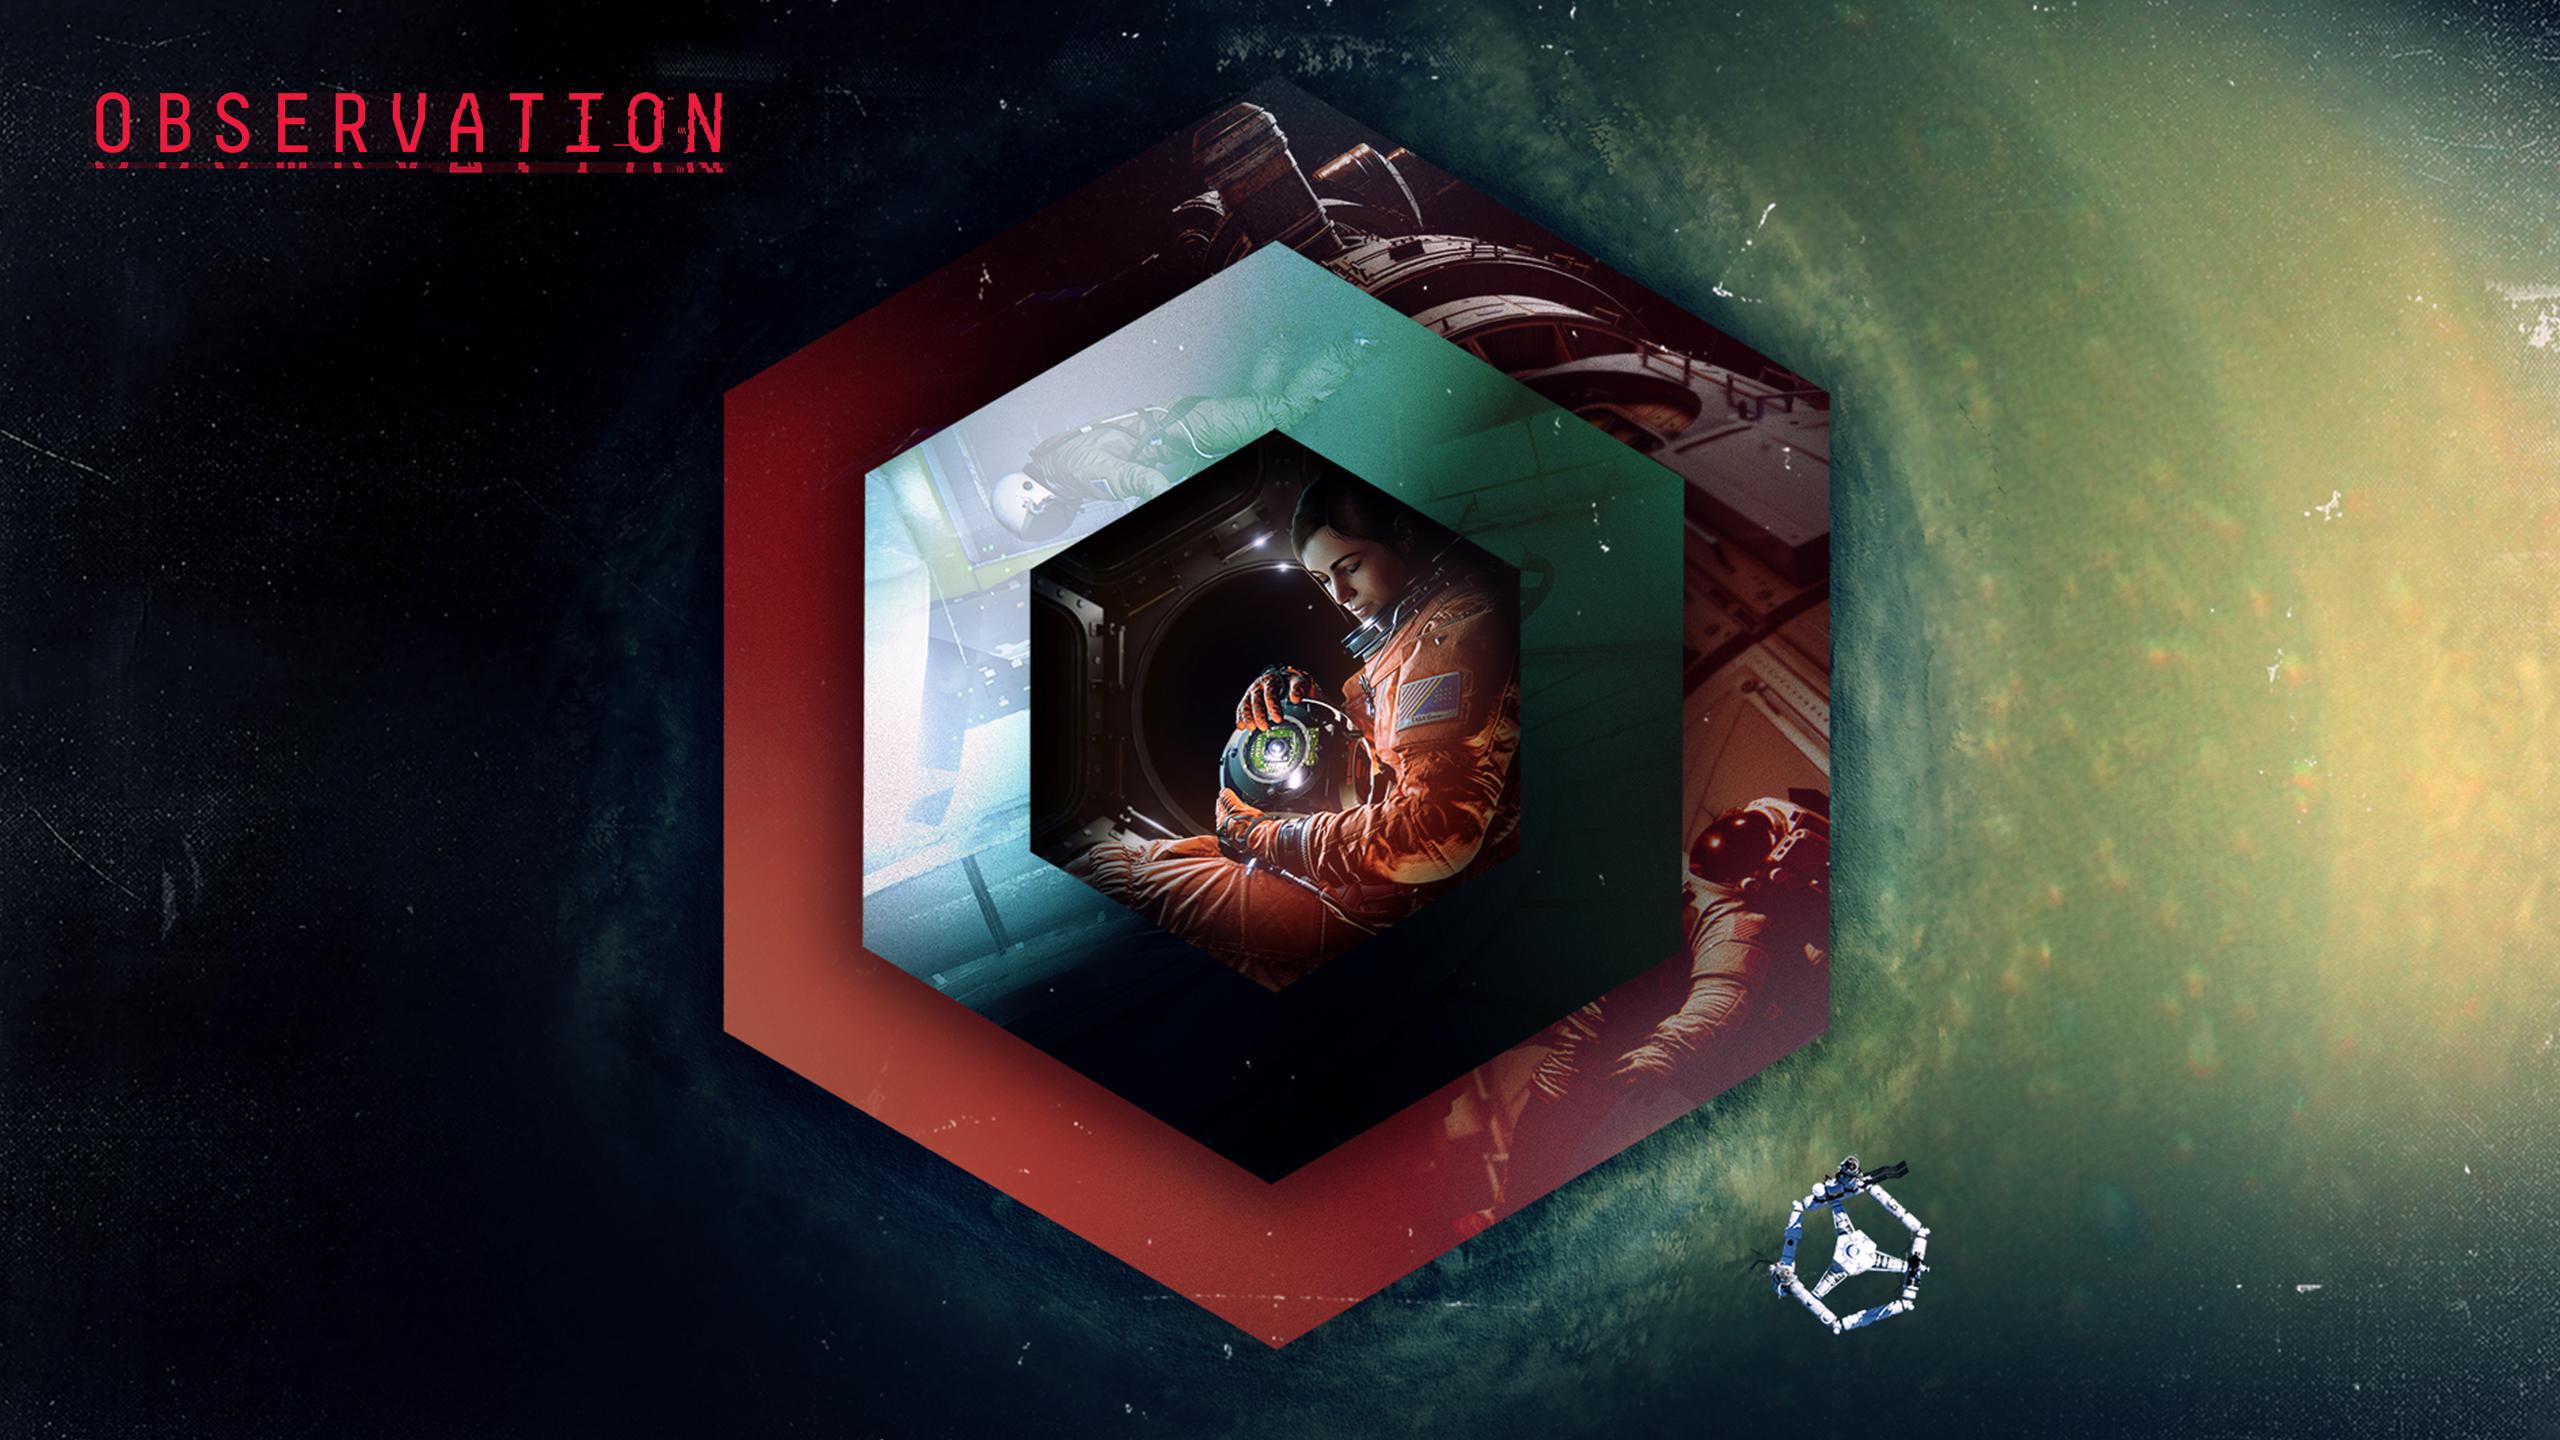 """Jogue como uma I.A. e descubra o que aconteceu com a Dra. Fisher e sua tripulação a bordo de uma estação espacial. """"Observation""""já está disponível em pré-venda!"""